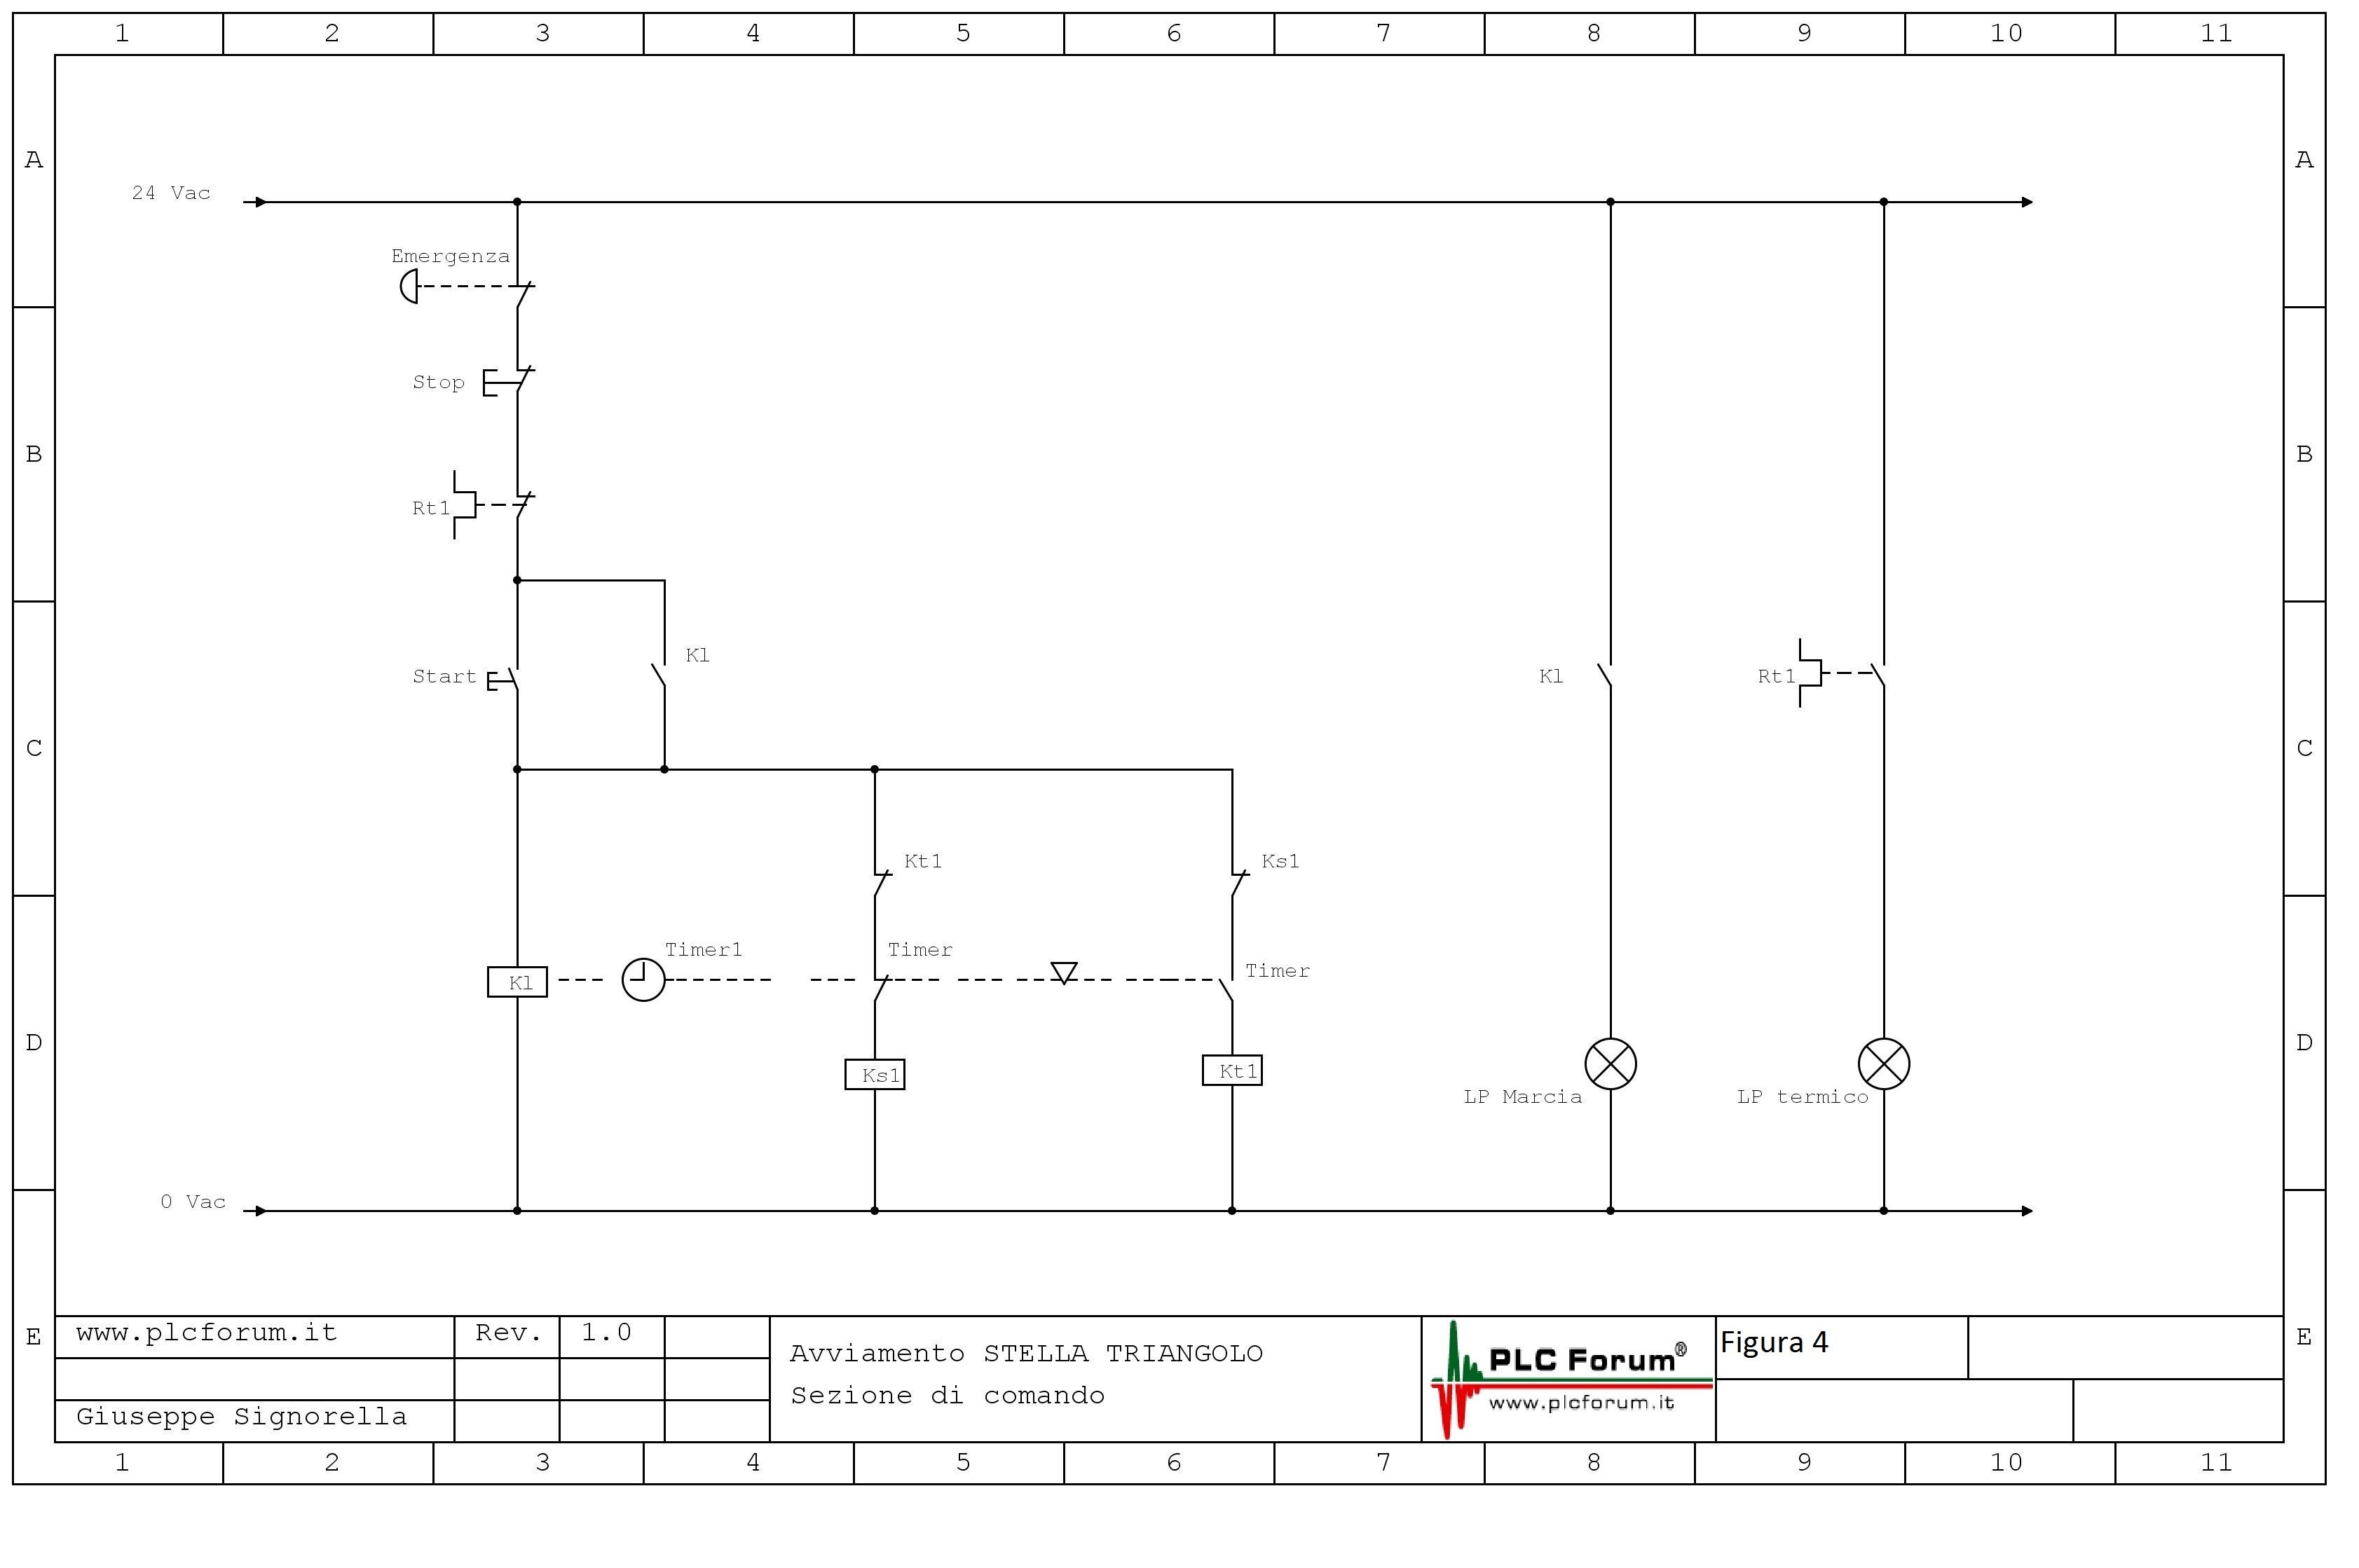 Schema Elettrico Per Avviamento Stella Triangolo : Plc forum didattica gt avviamento stella triangolo